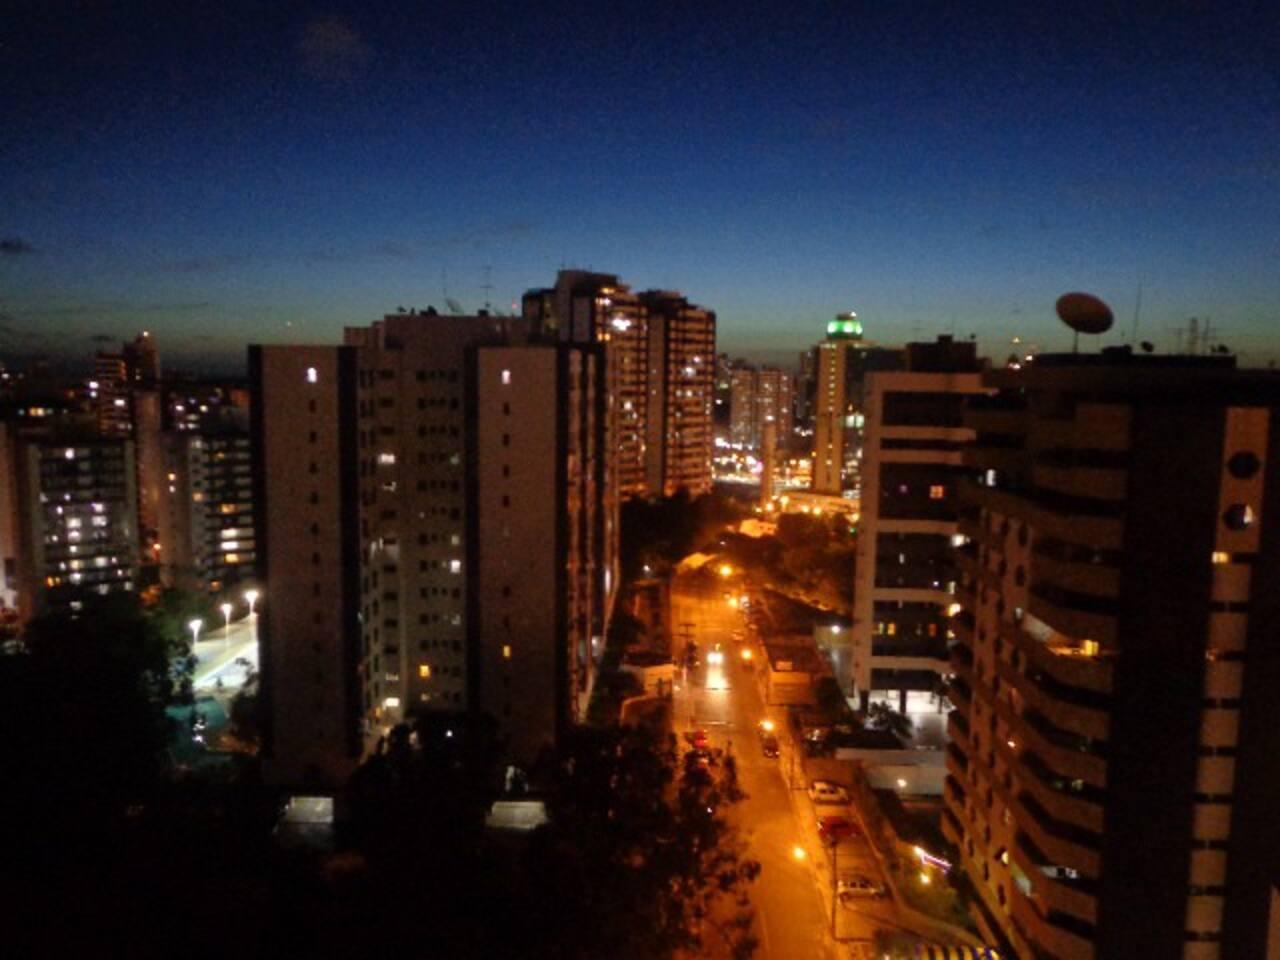 Night view from Caminho das Árvores. Very nice and safe area.